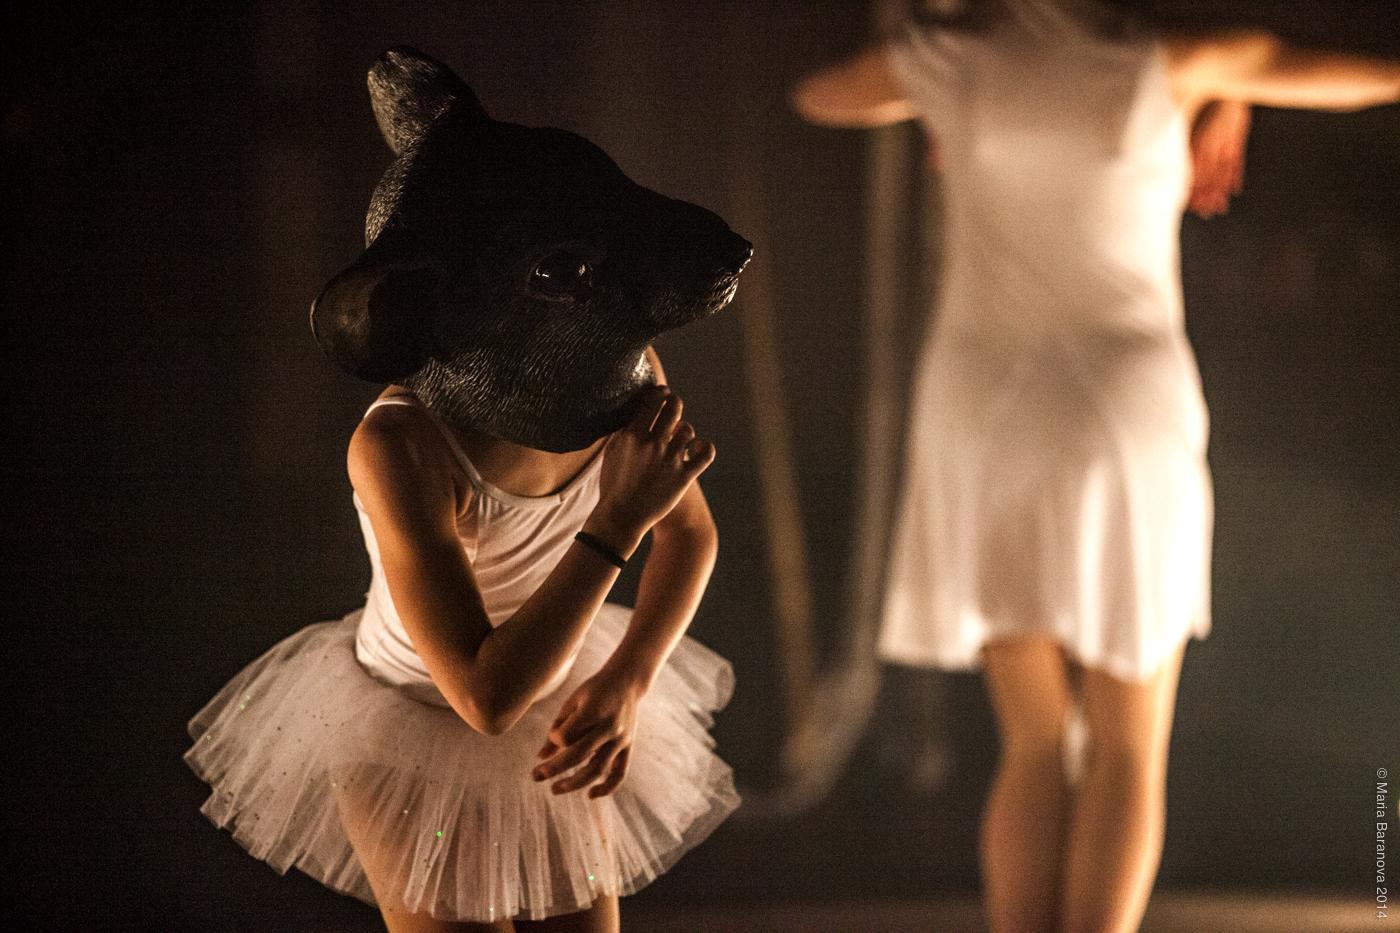 A_Nutcracker_Dress_by_Maria_Baranova-0162.jpg